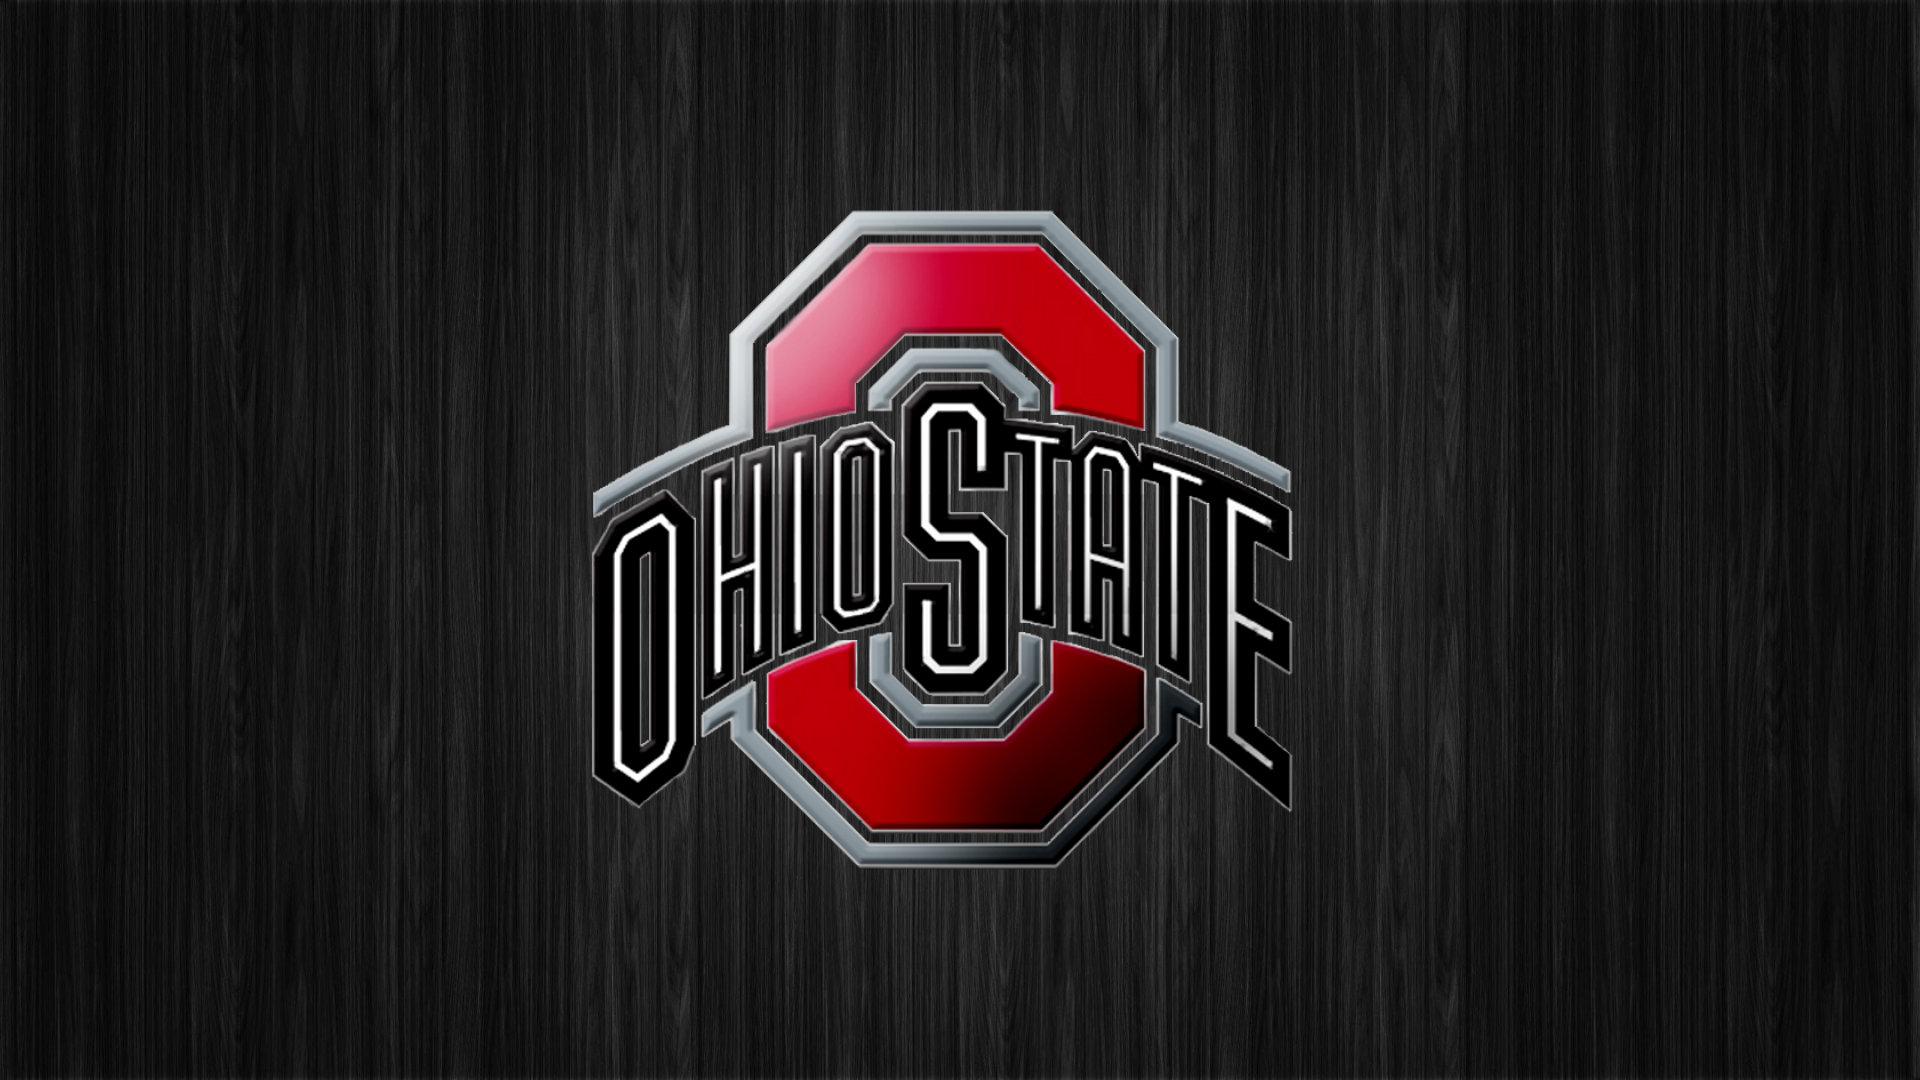 Ohio State Screensavers and Wallpaper - WallpaperSafari